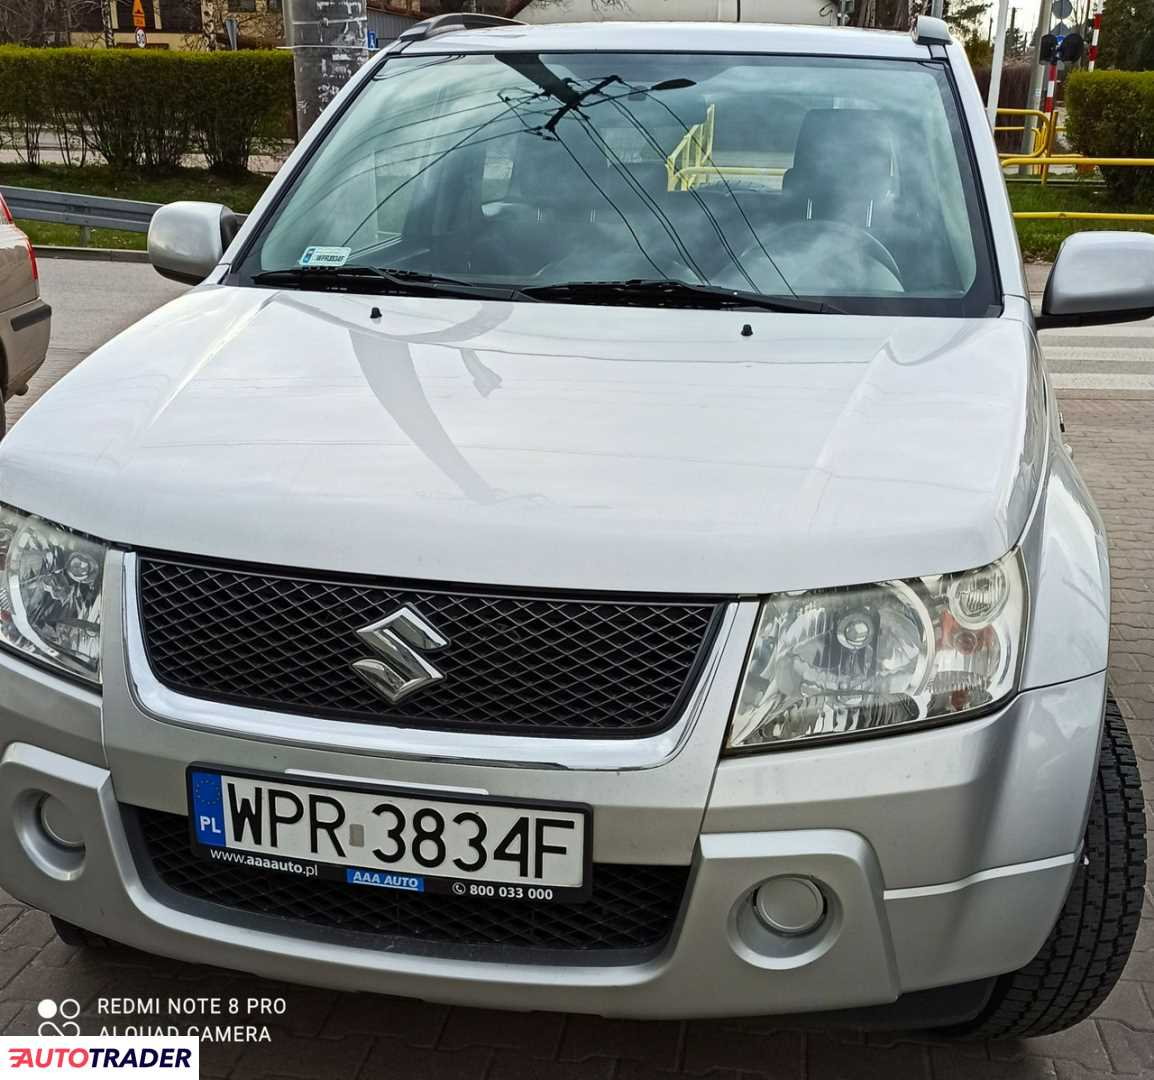 Suzuki Pozostałe 2005 1.6 78 KM